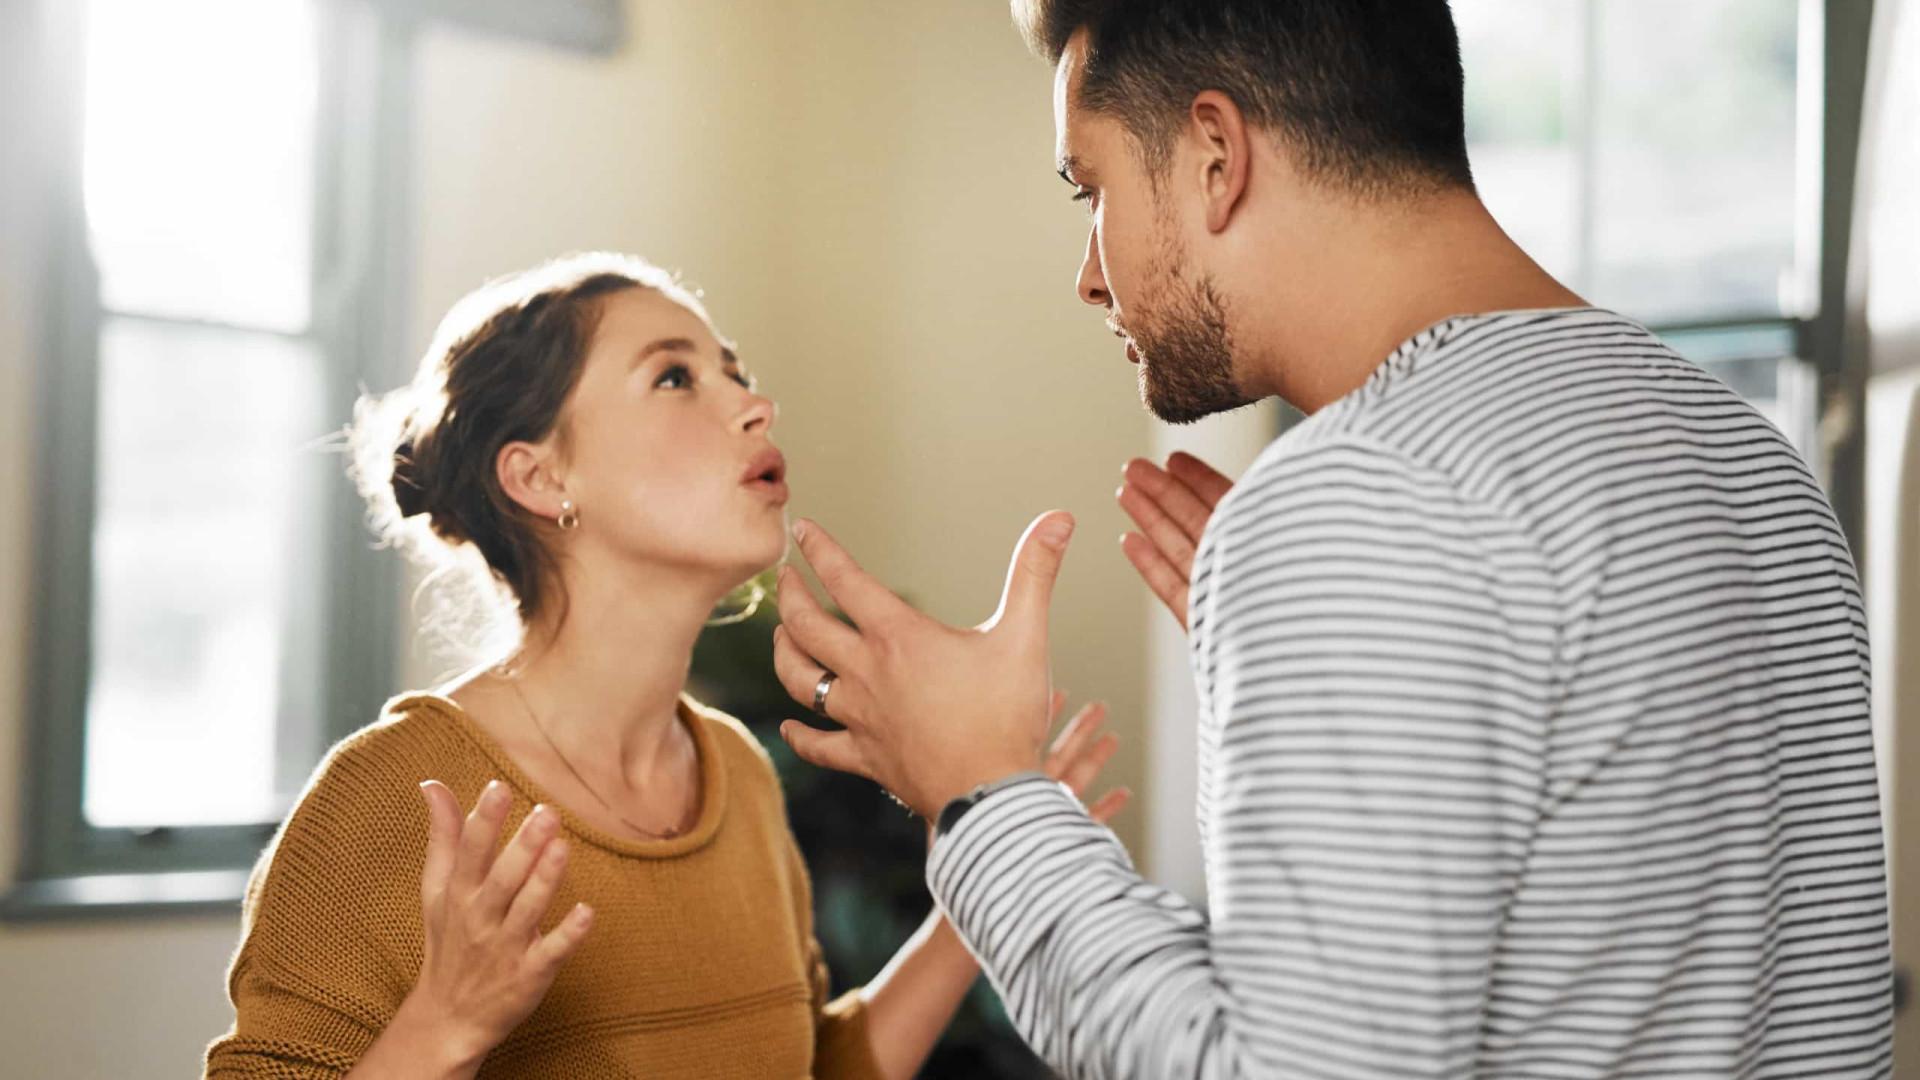 Quatro sinais de alarme que indicam que está numa relação abusiva